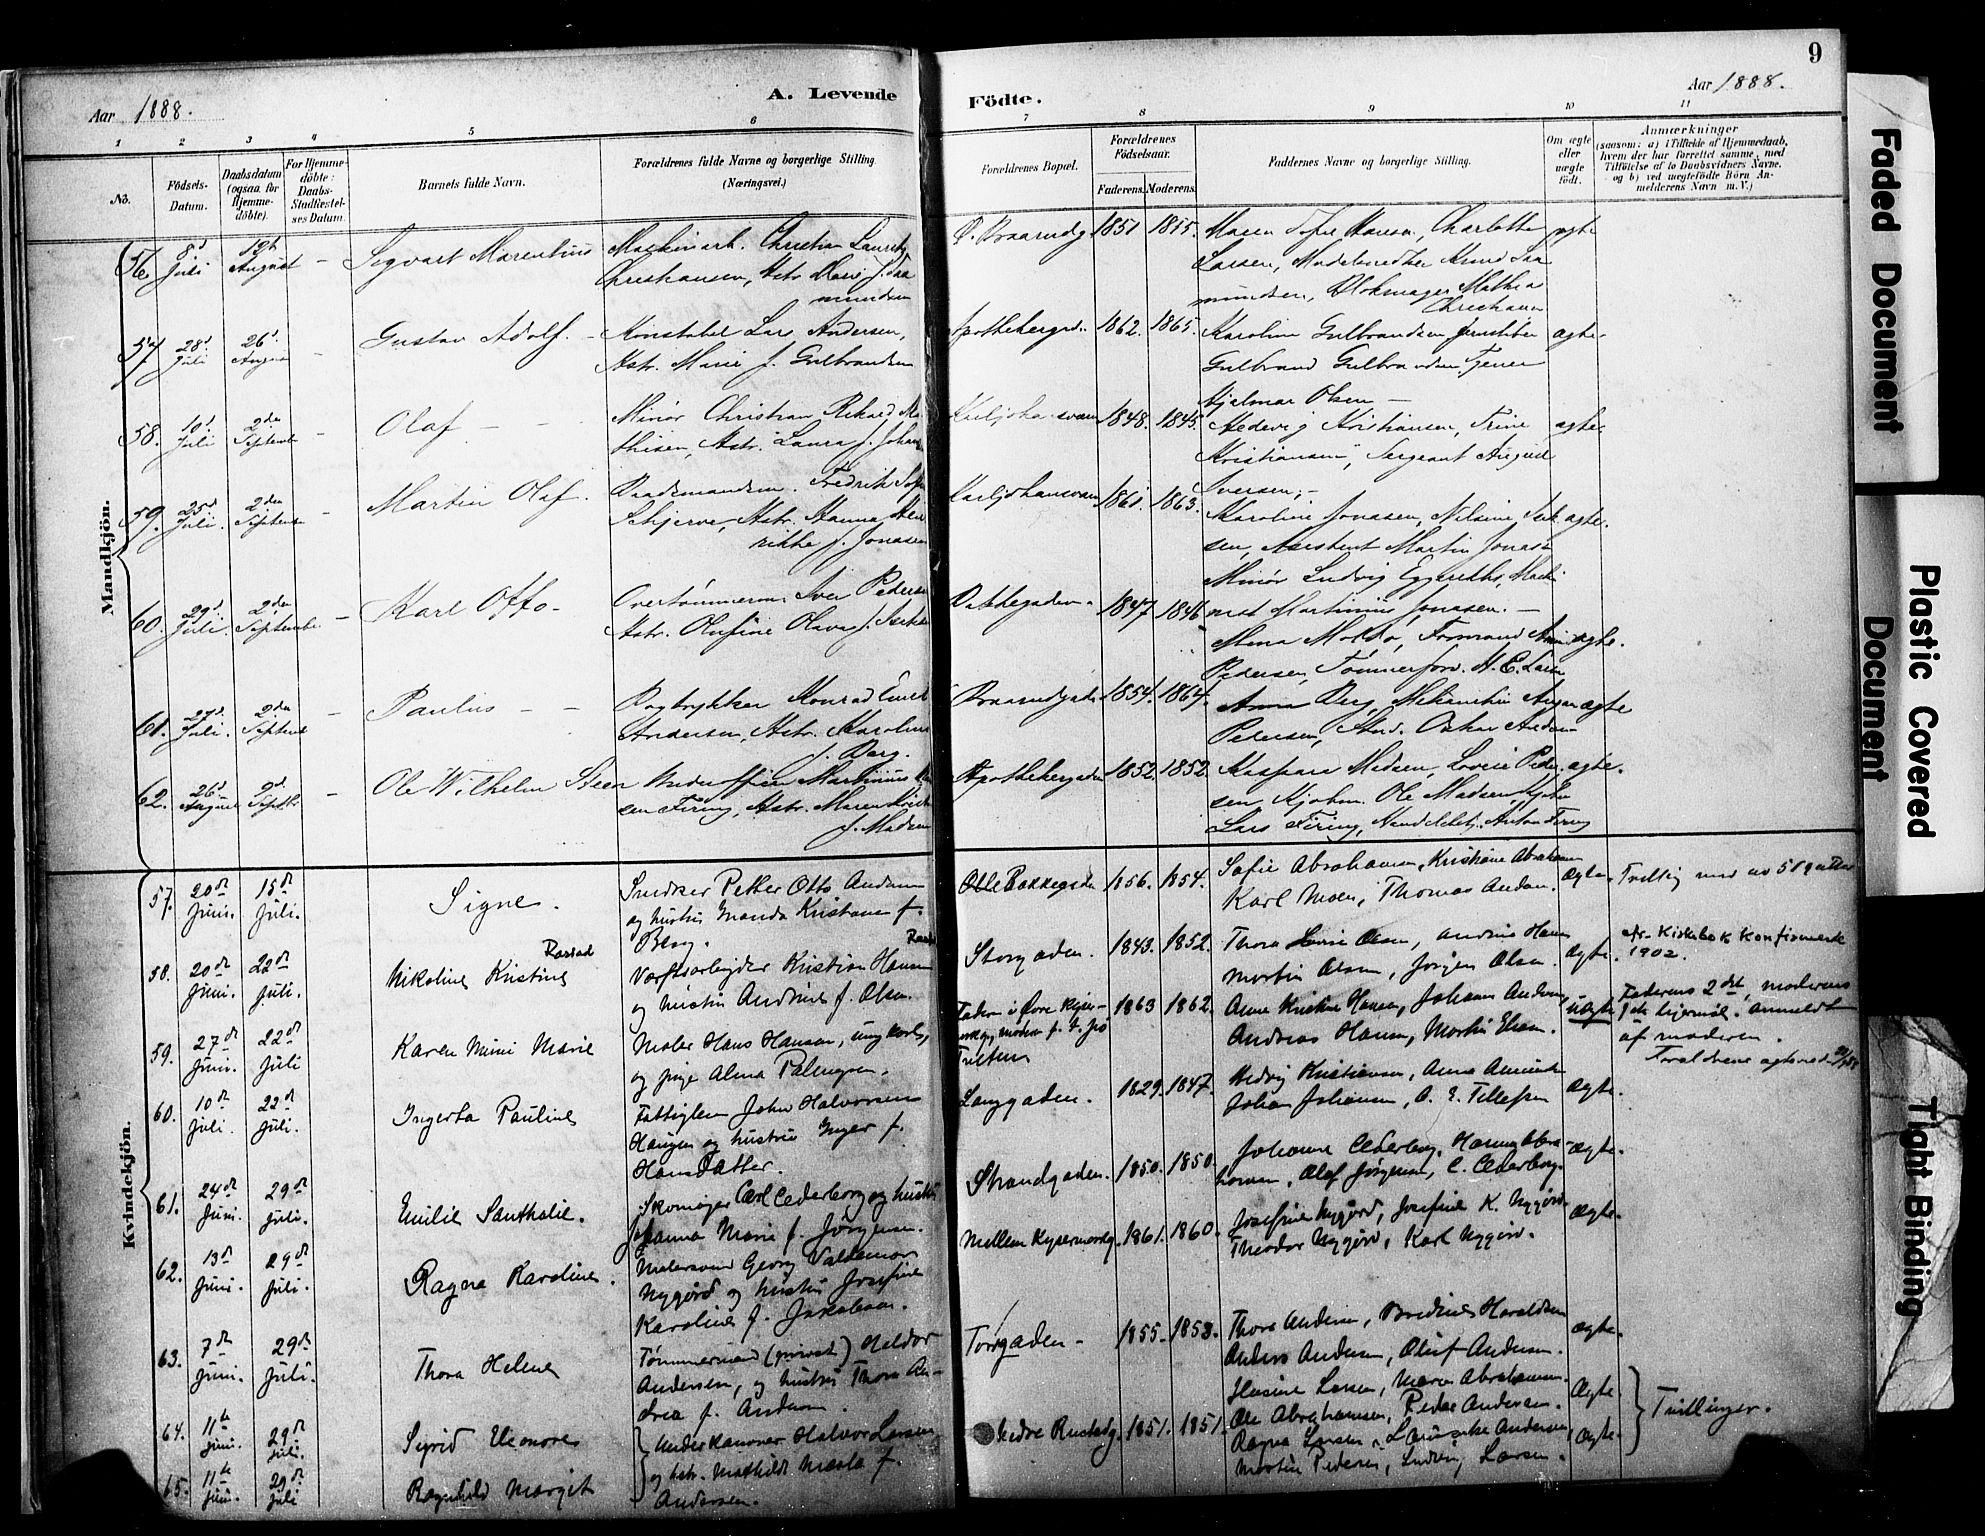 SAKO, Horten kirkebøker, F/Fa/L0004: Ministerialbok nr. 4, 1888-1895, s. 9